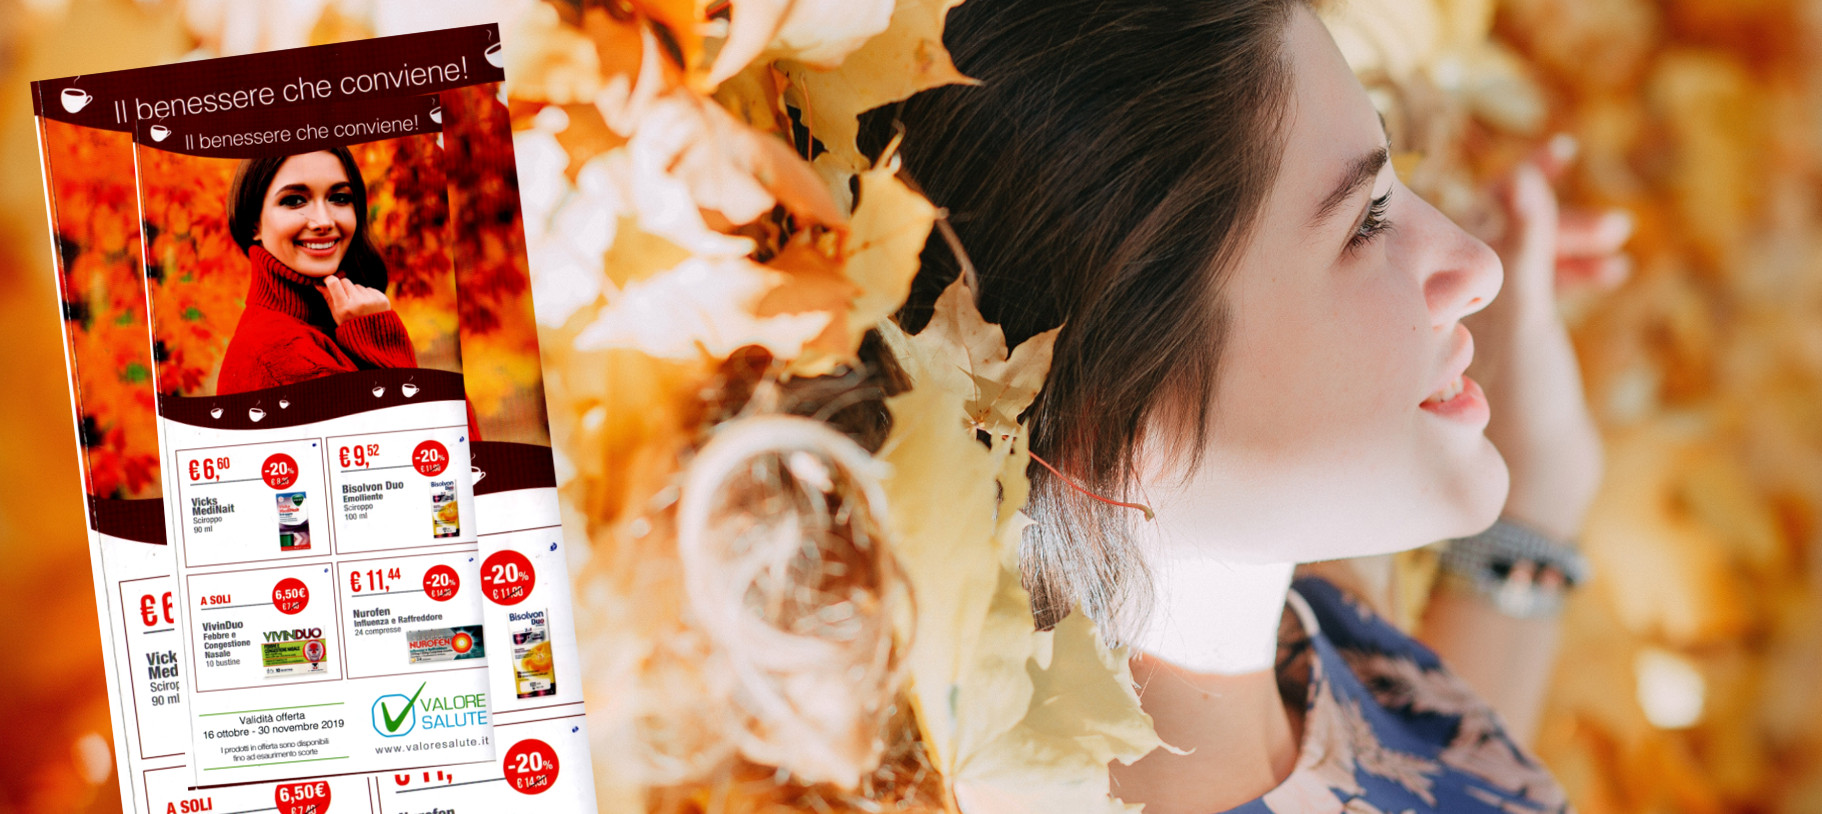 offerte-promozioni-ottobre-novembre-farmacia-delogu-sassari